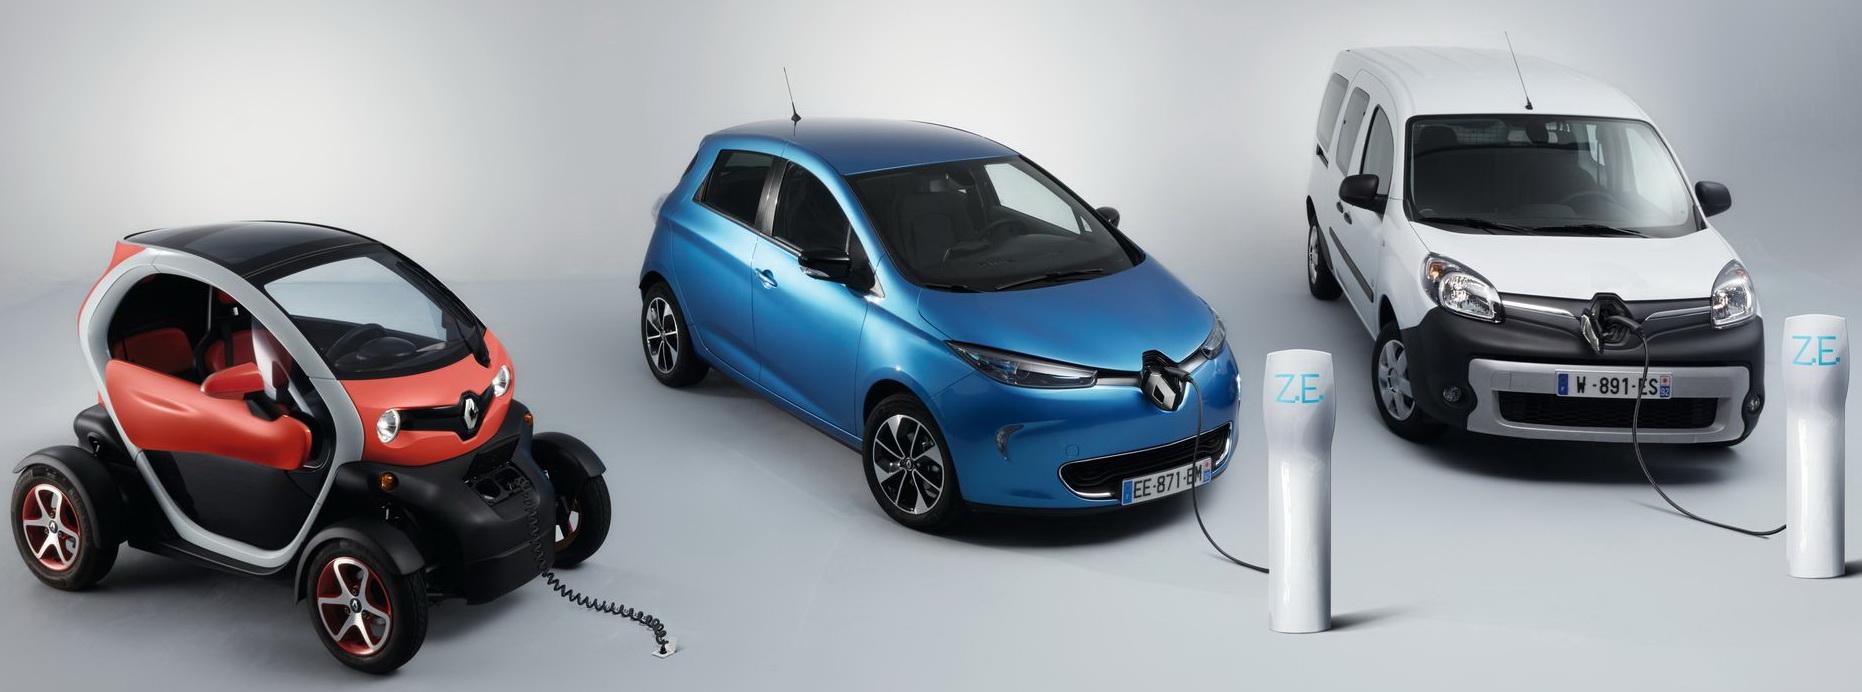 Renault EV line-up